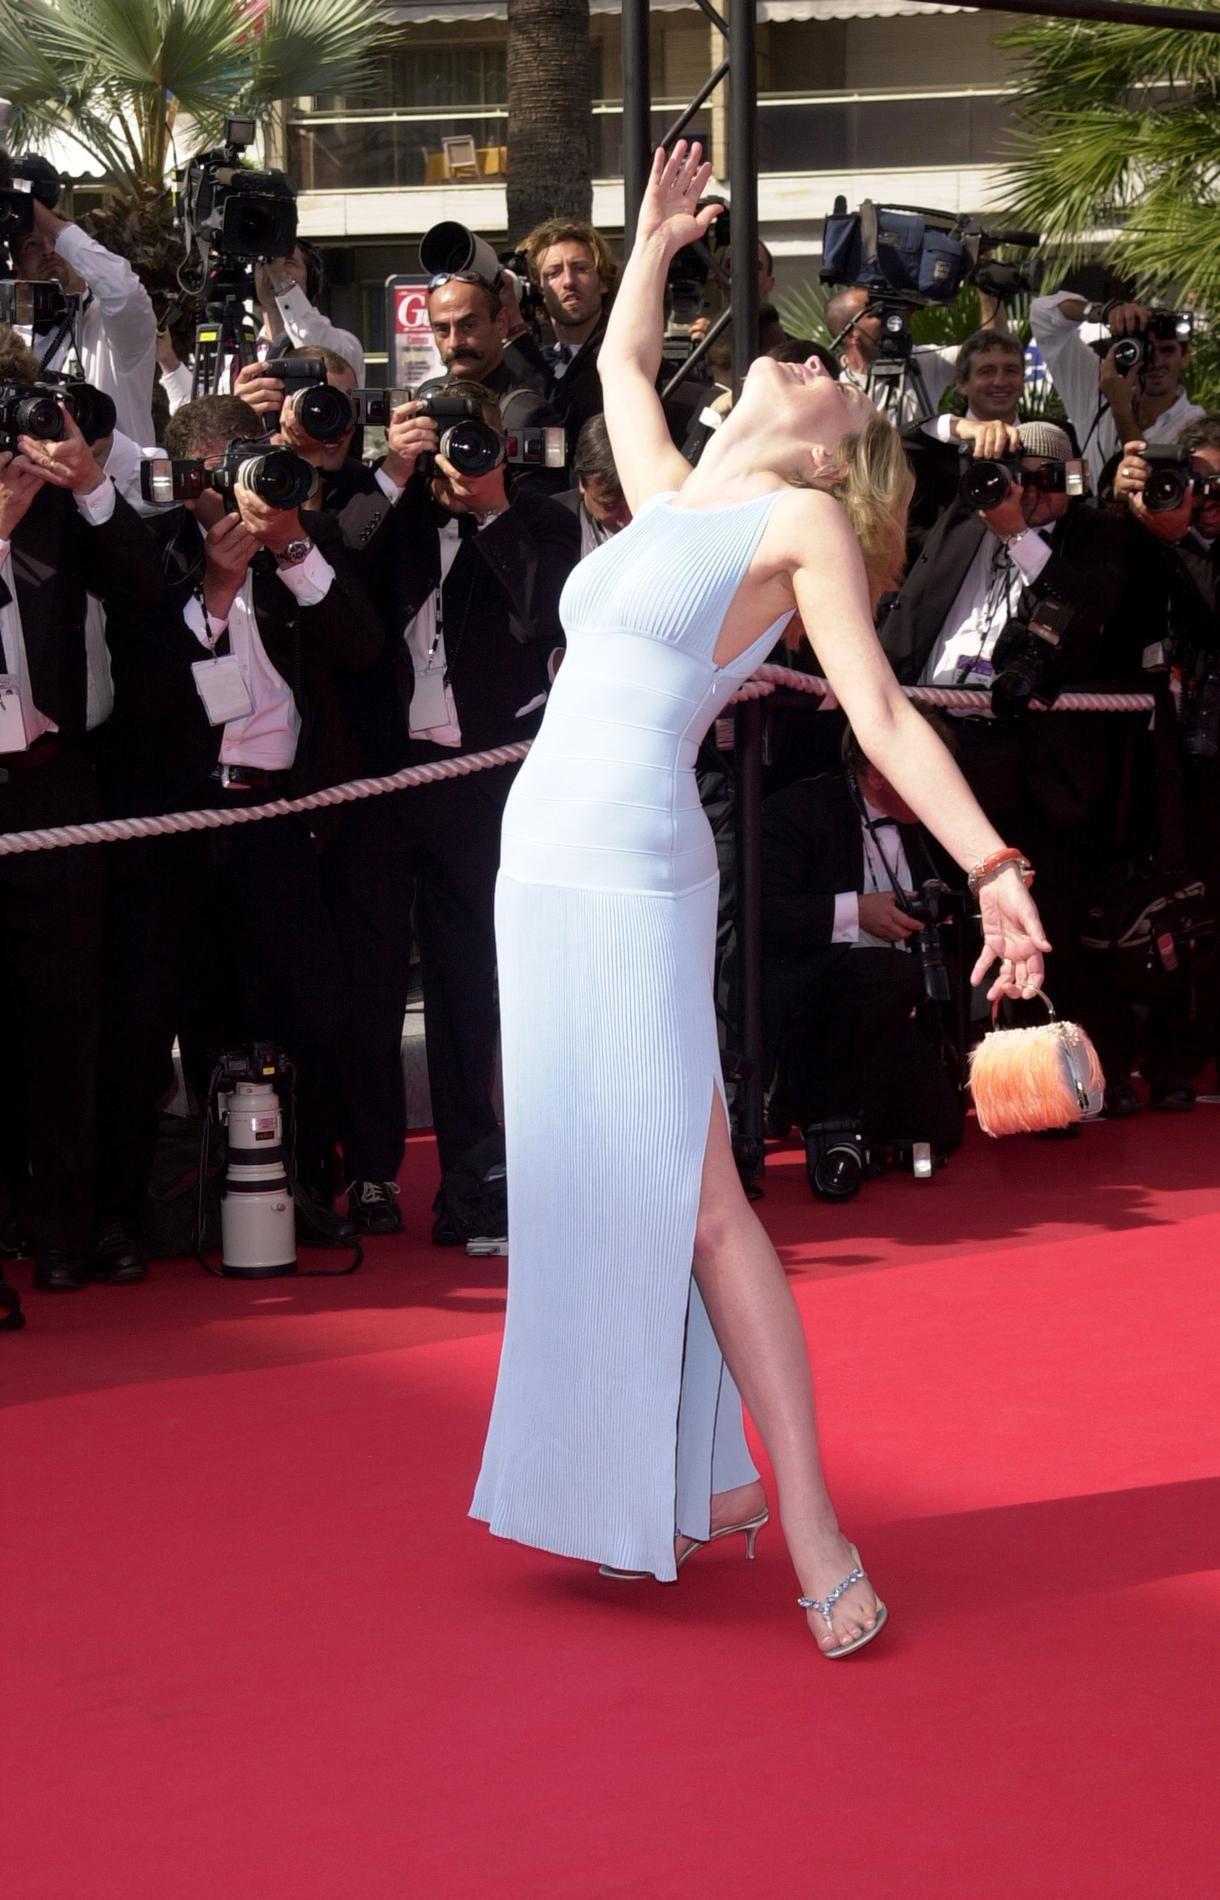 ecfa4946e72 Les plus belles apparitions mode sur le tapis rouge du Festival de Cannes - Madame  Figaro